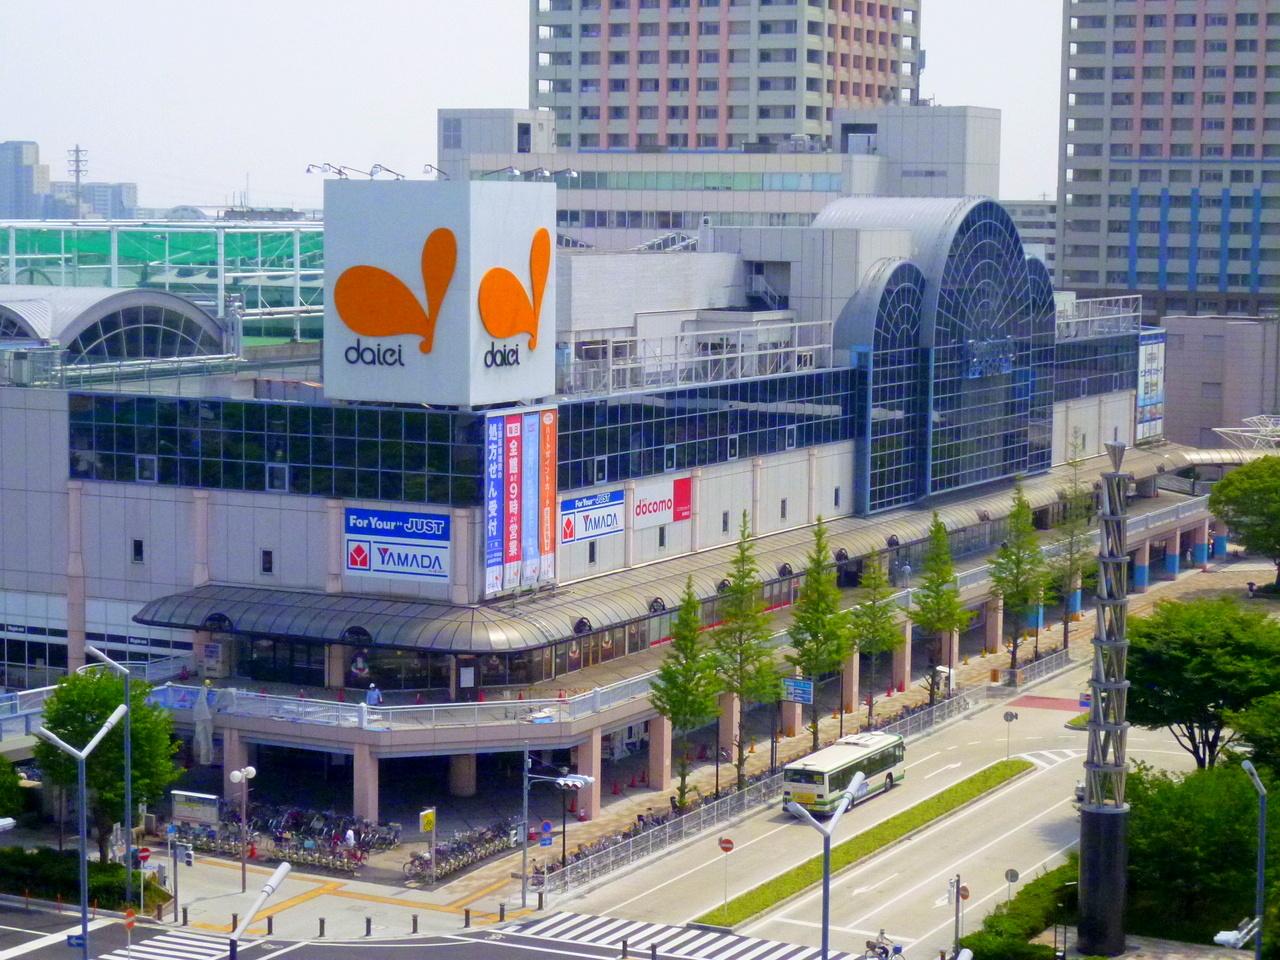 ディズニー 新ホテル(東京ディズニーセレブレーションホテル) 少し歩け